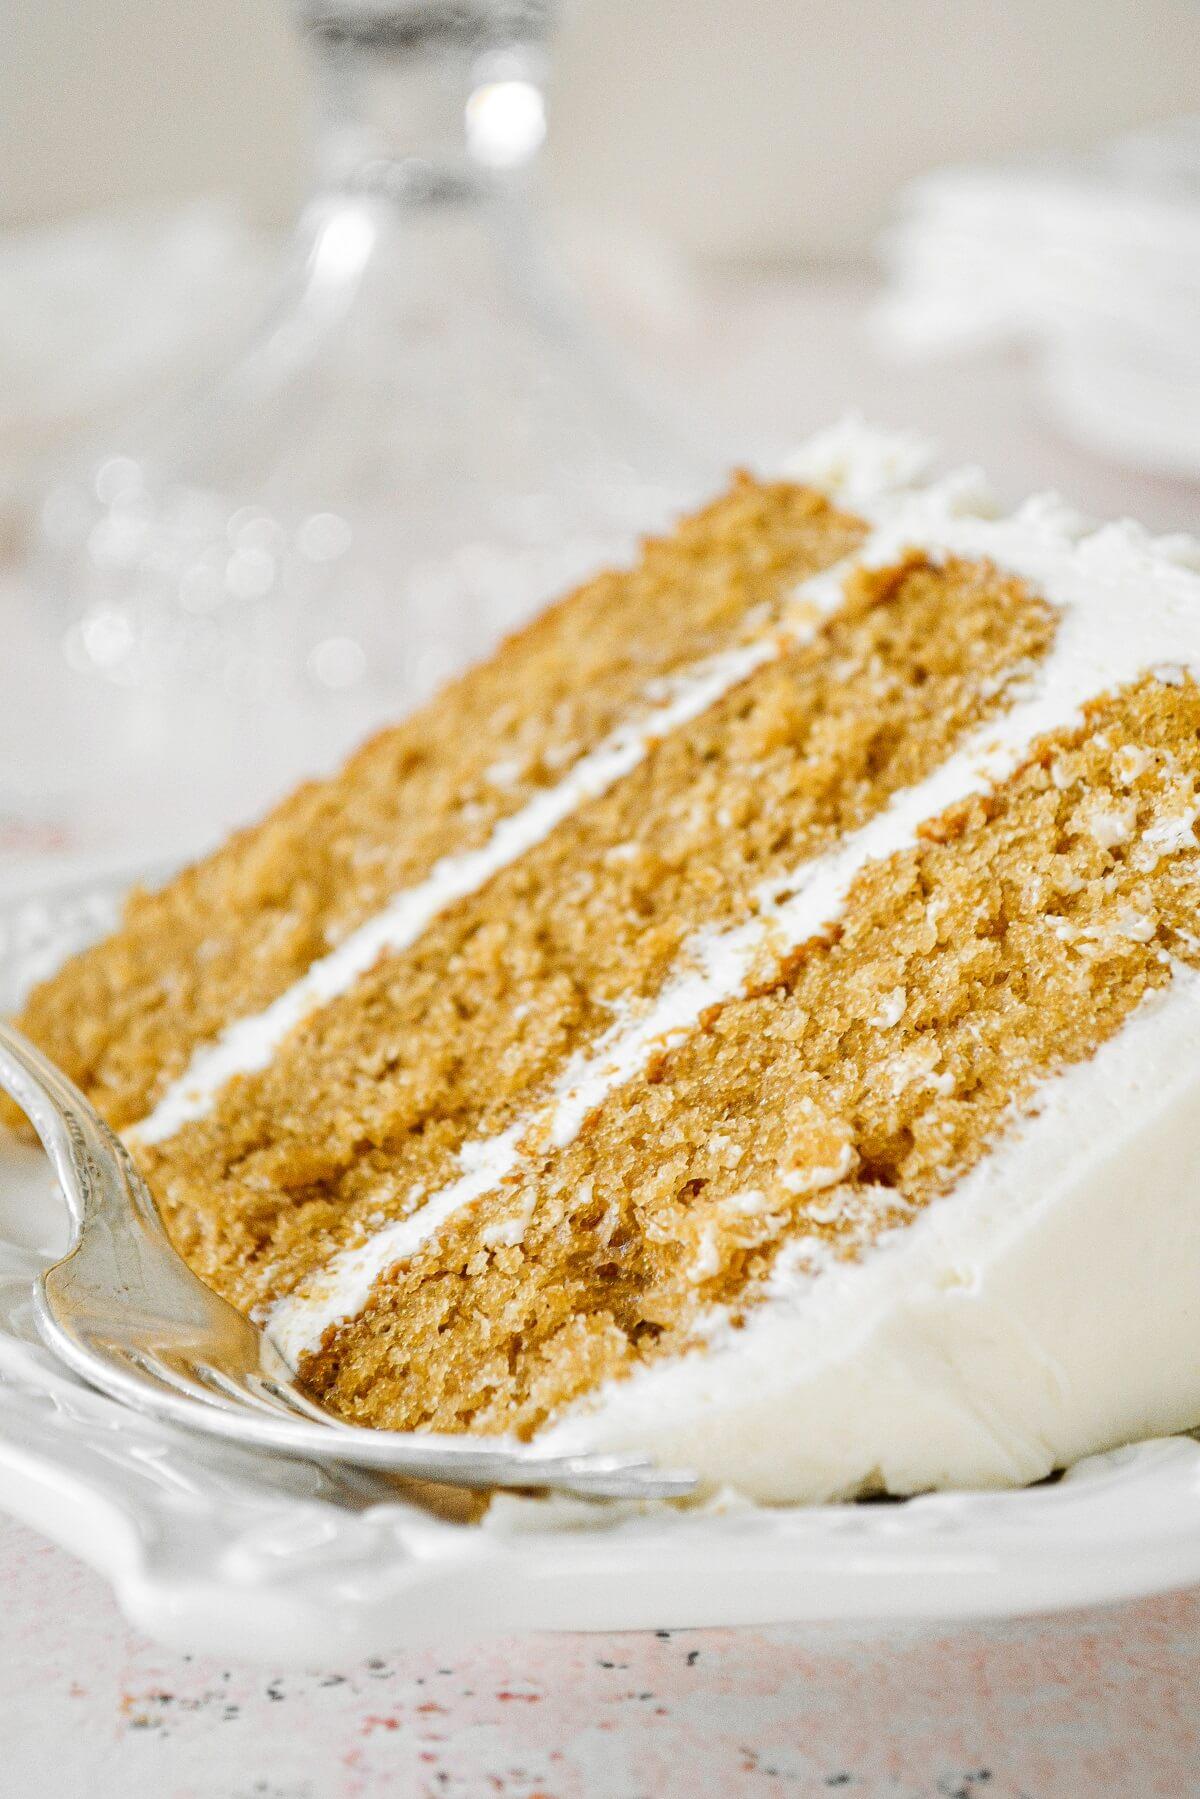 A slice of cardamom cake with eggnog buttercream.